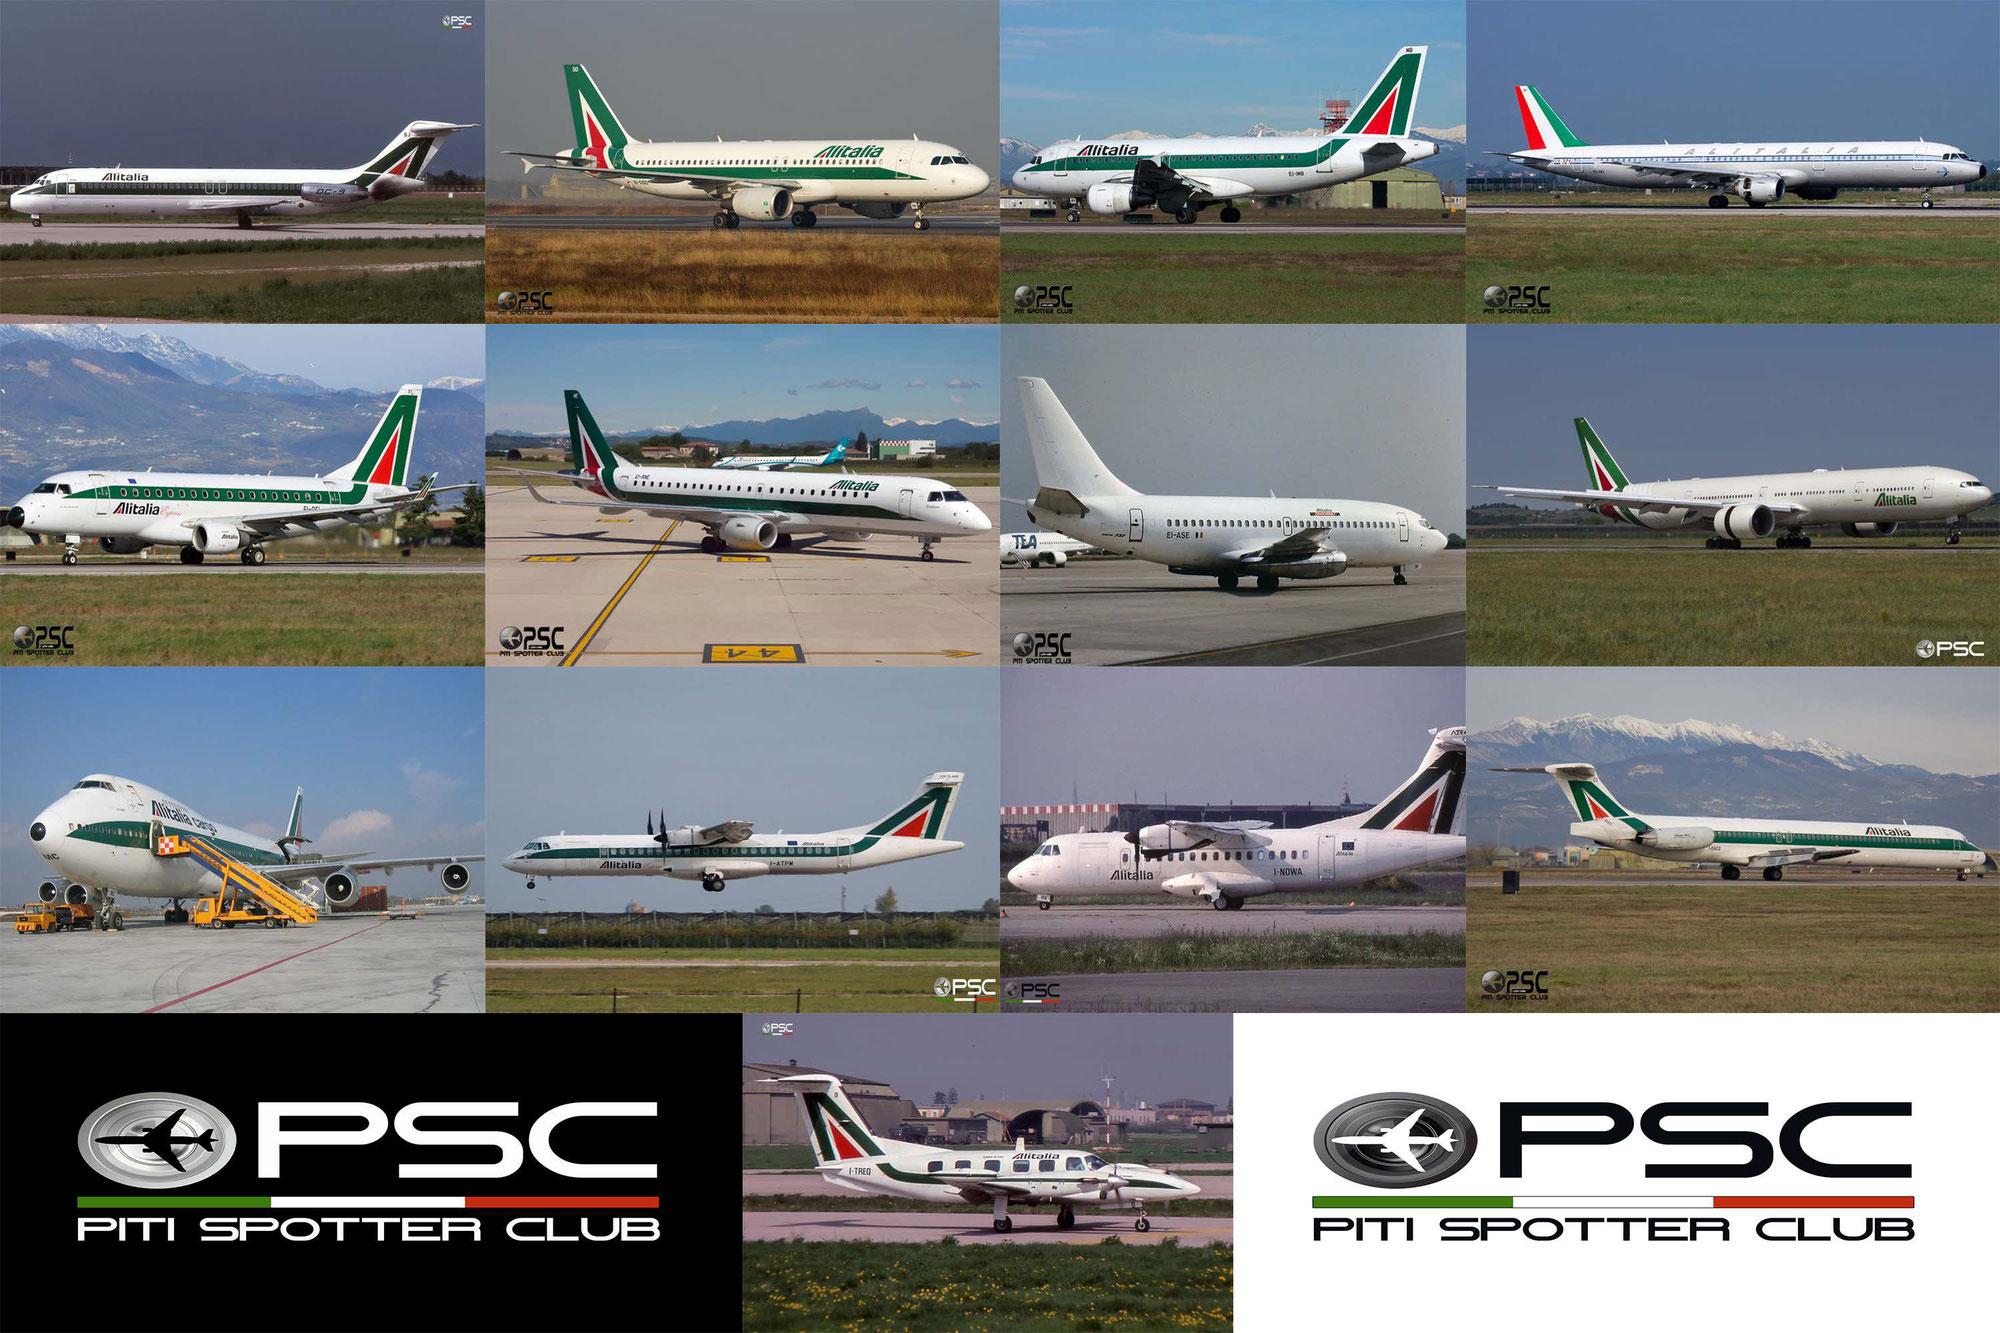 Addio Alitalia! Le immagini del PSC